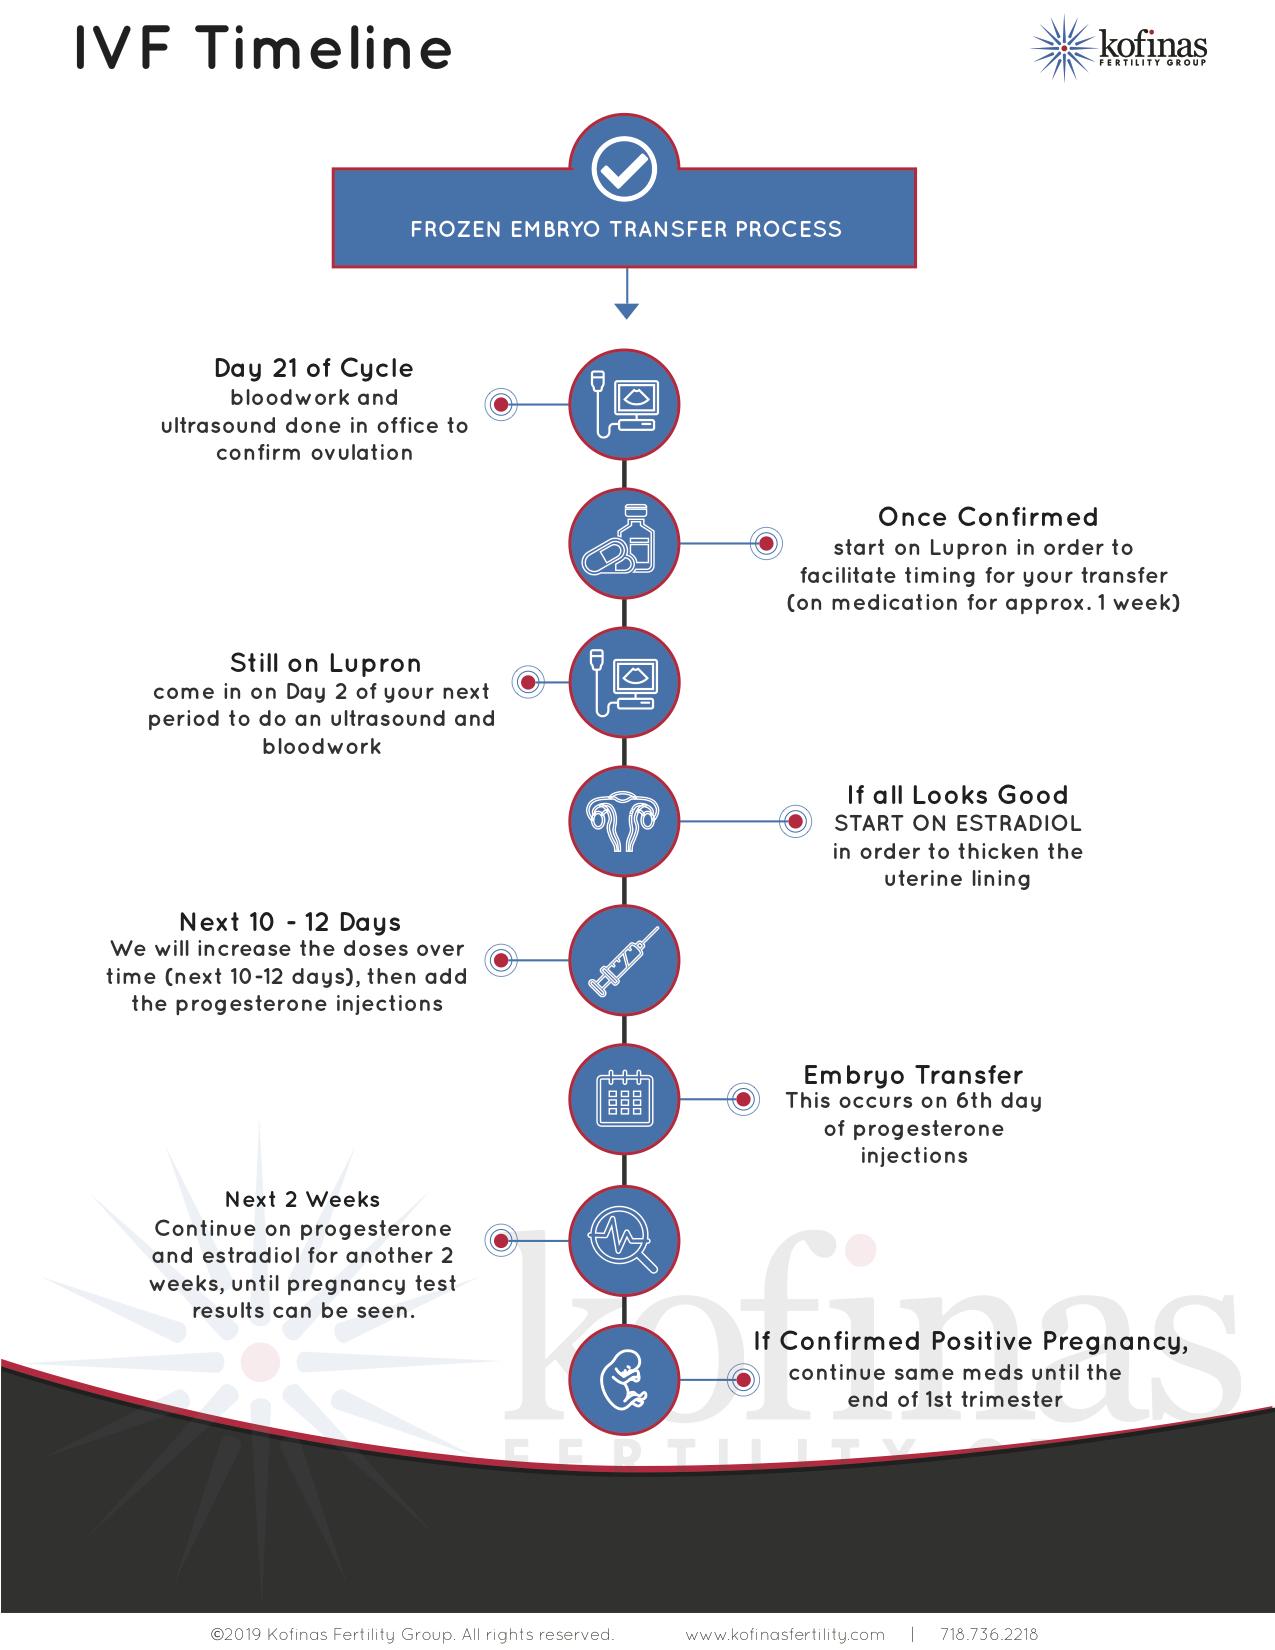 An In Vitro Fertilization Timeline